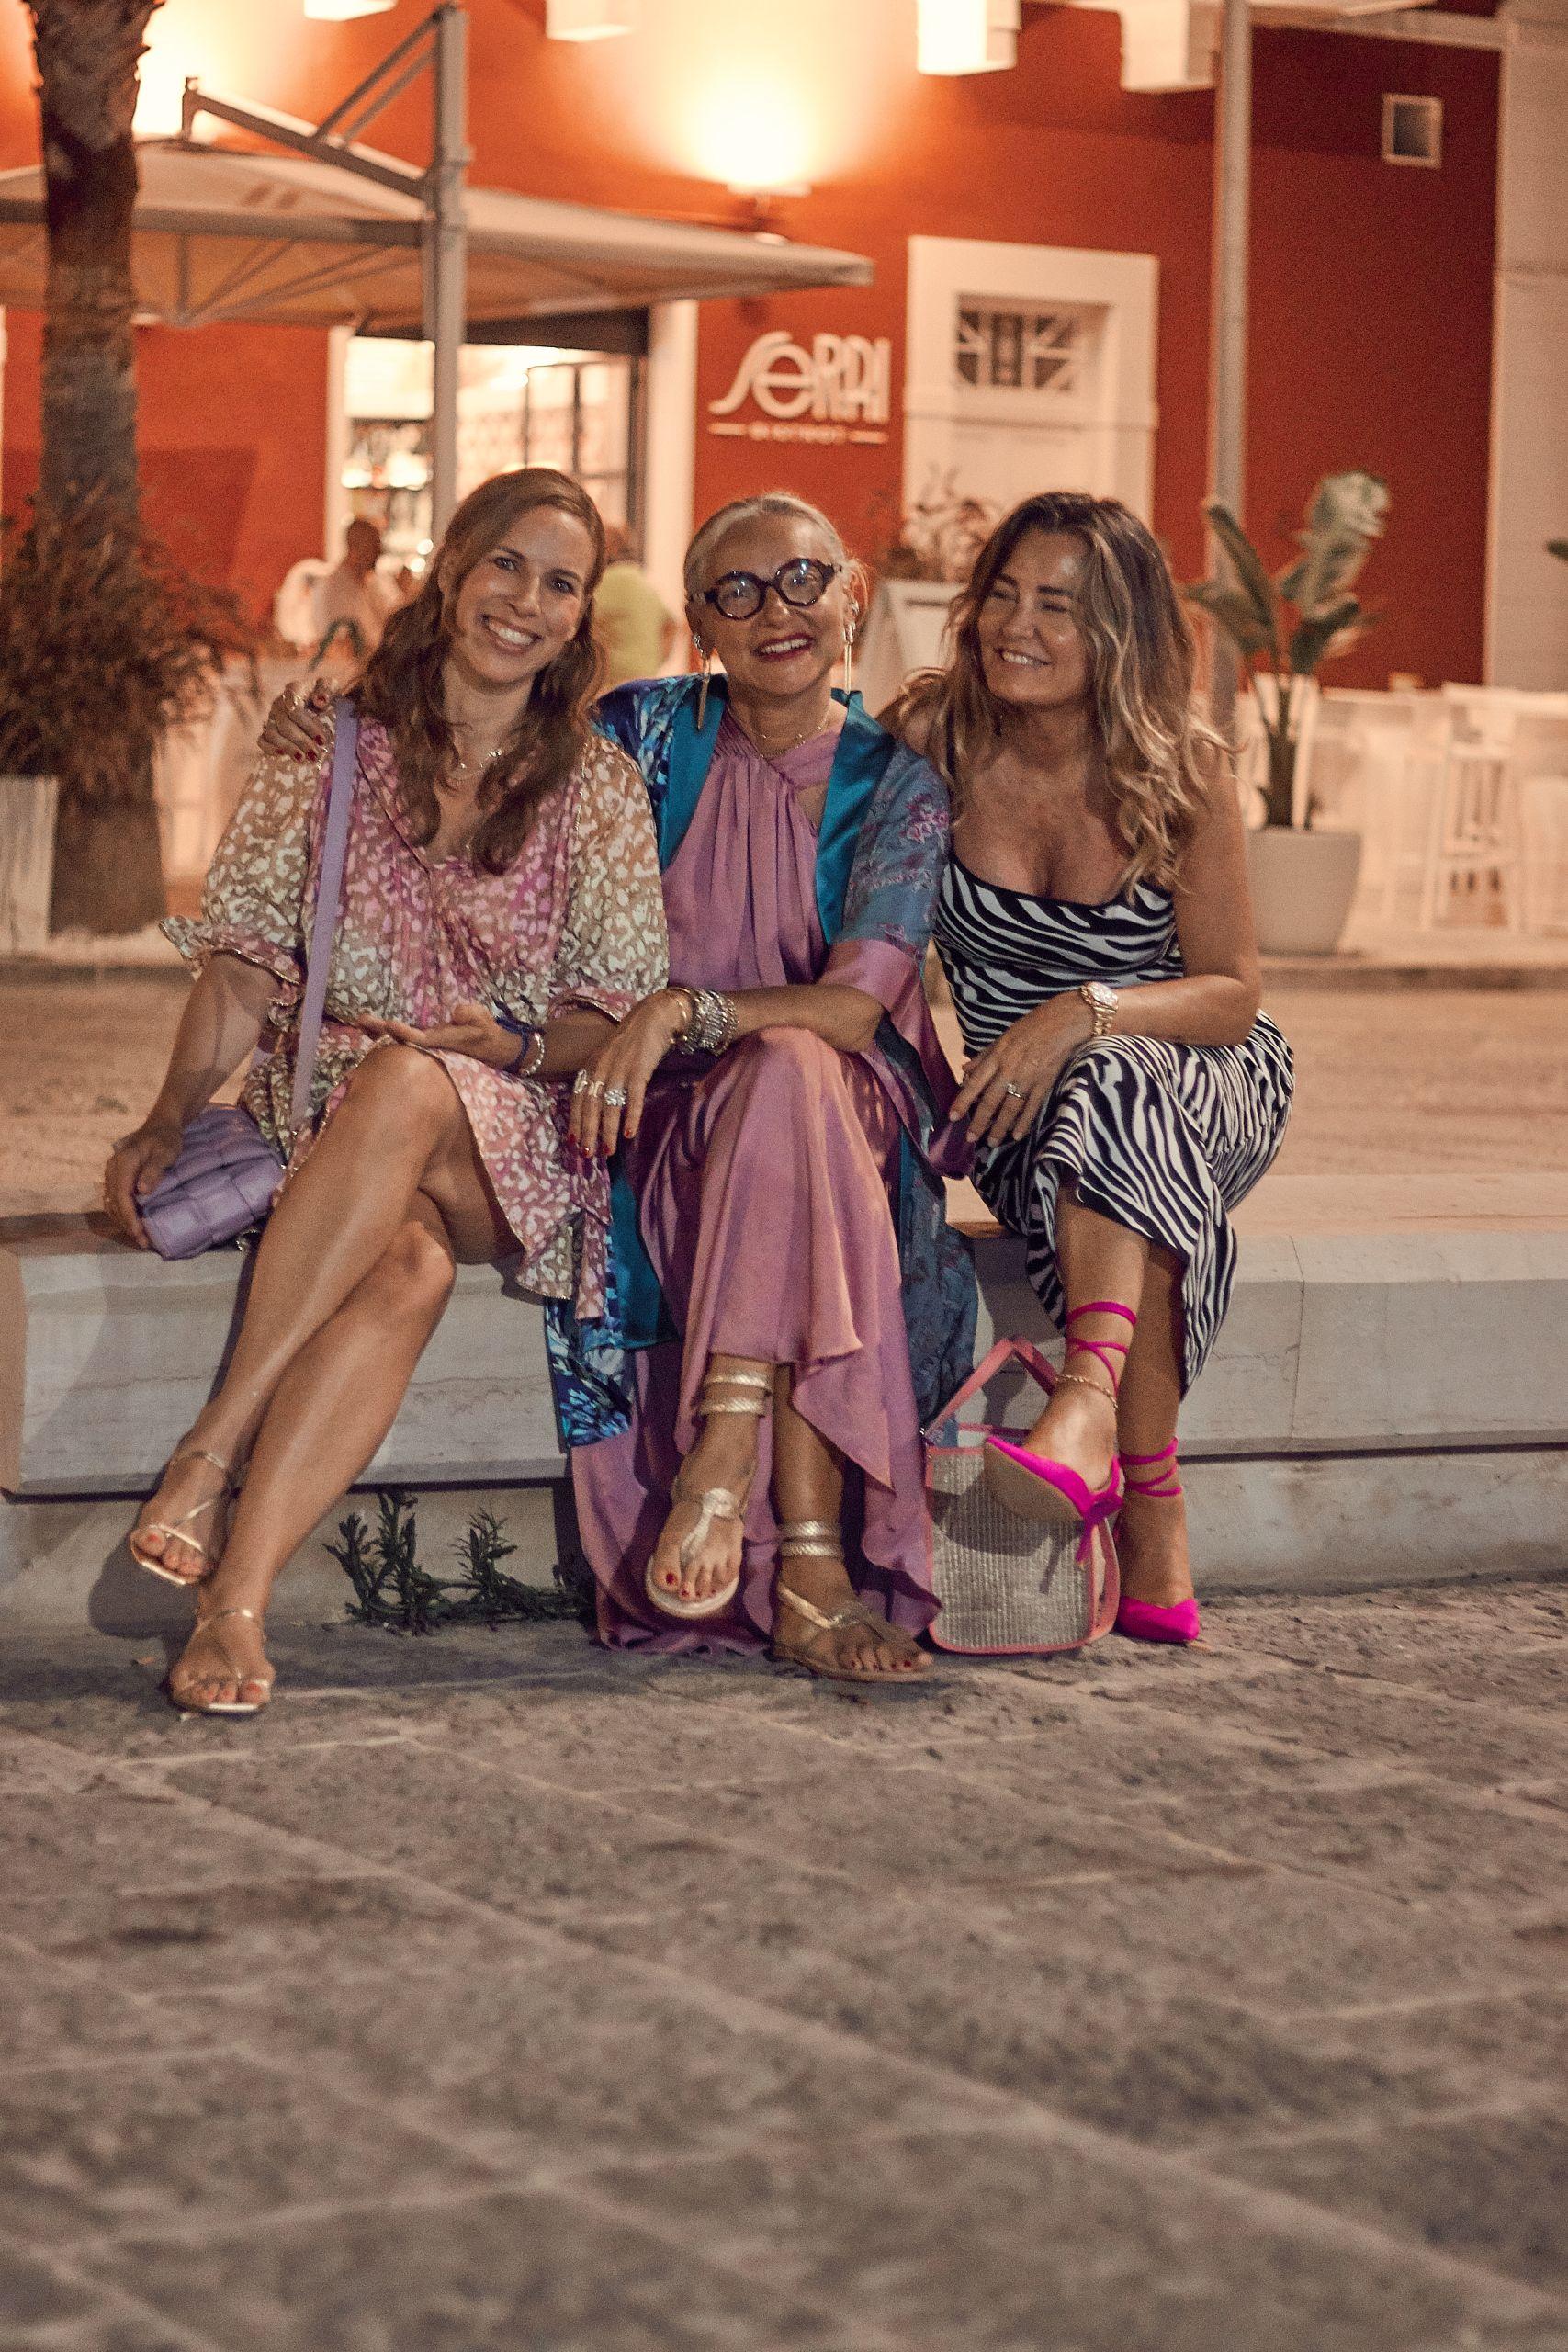 juliet dunn minikleid im leopardenprint zur ledertasche von settimo cielo bologna mit Silvia Berri in Fasano